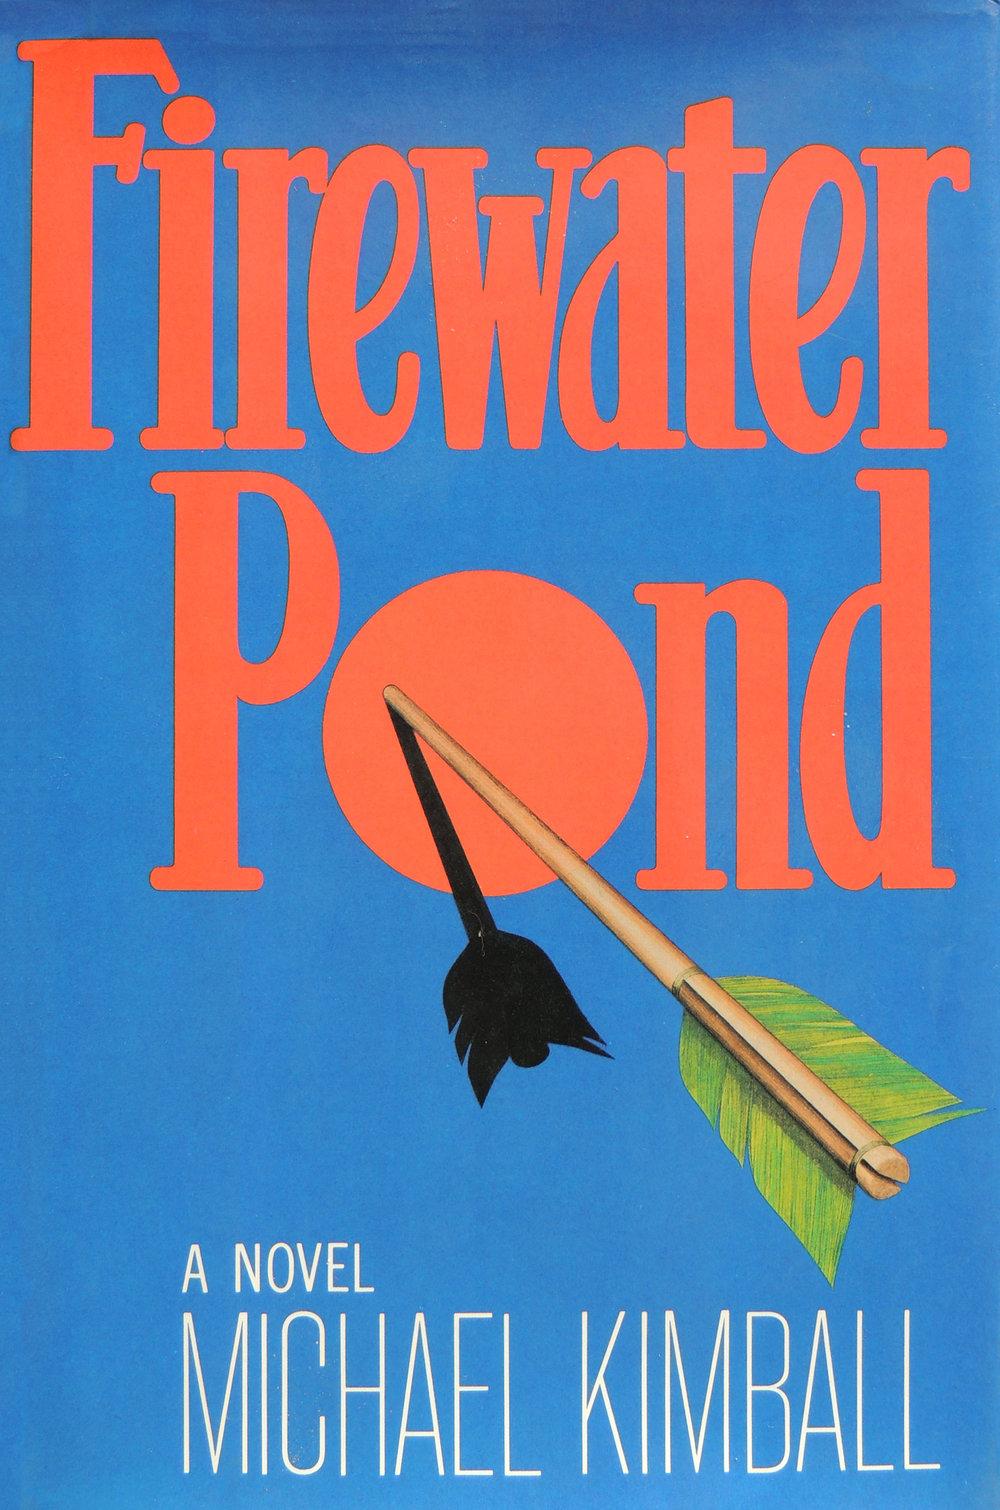 Firewater-Pond-novel-Michael-Kimball-book-jacket-US.jpg